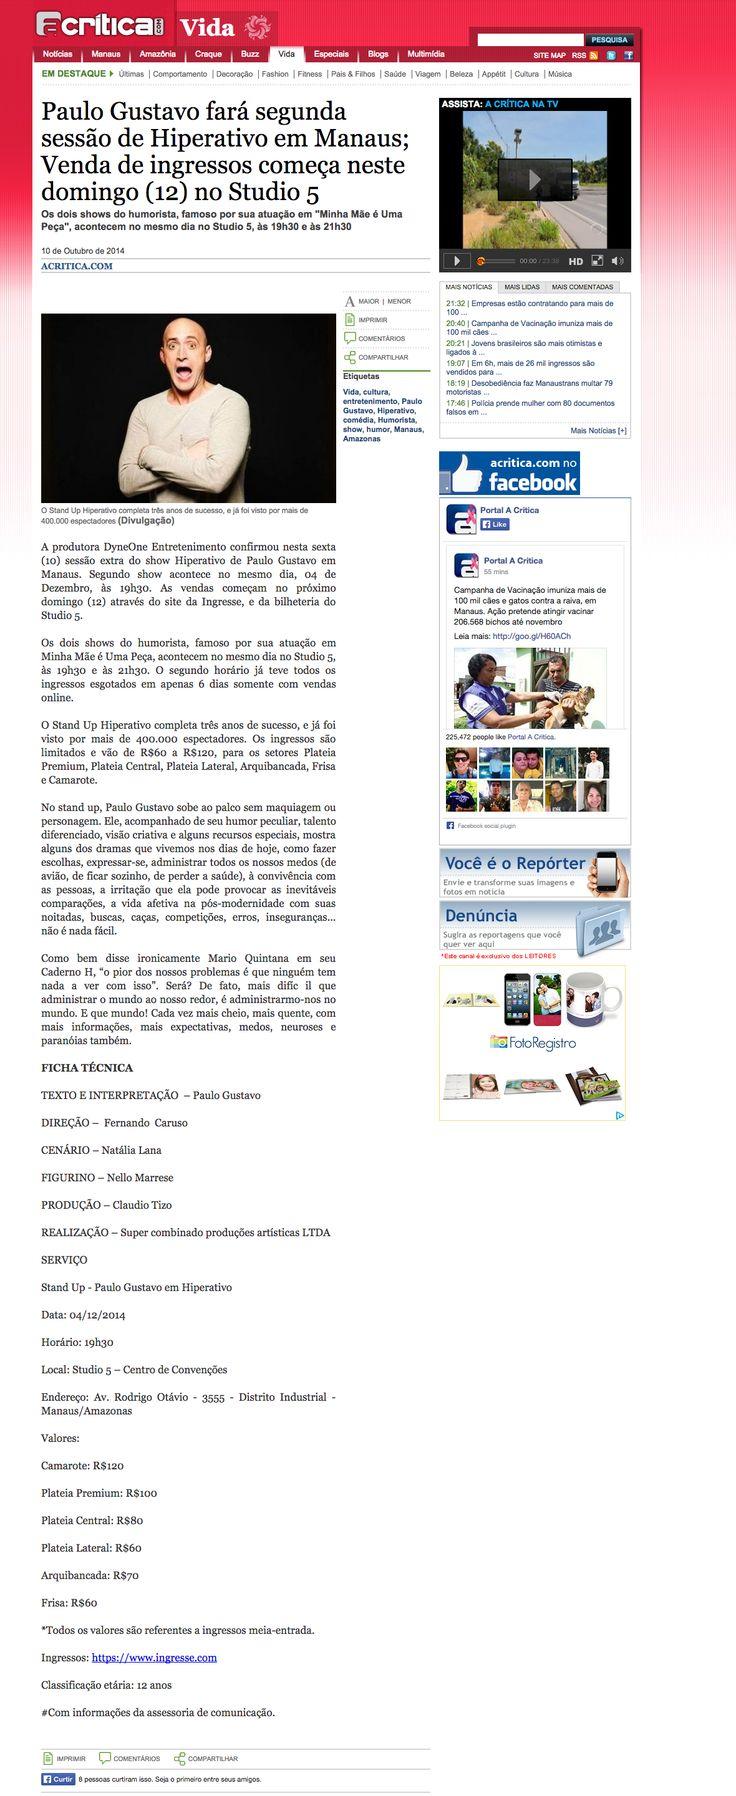 Paulo Gustavo fará segunda sessão de Hiperativo em Manaus; Venda de ingressos começa neste domingo (12) no Studio 5